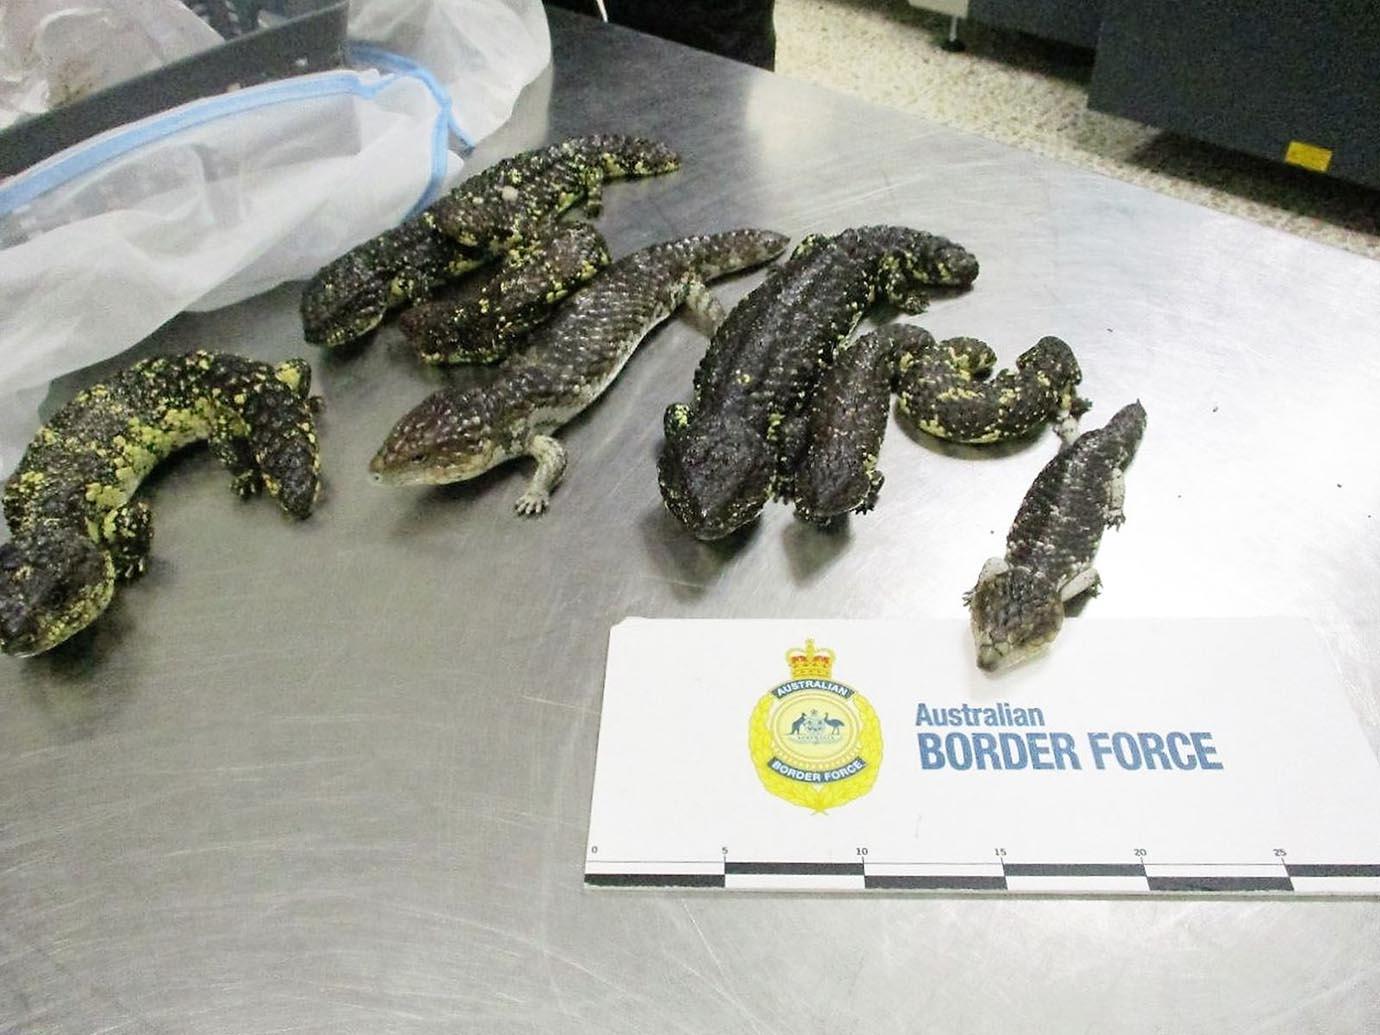 japanese-women-arrested-smuggling3